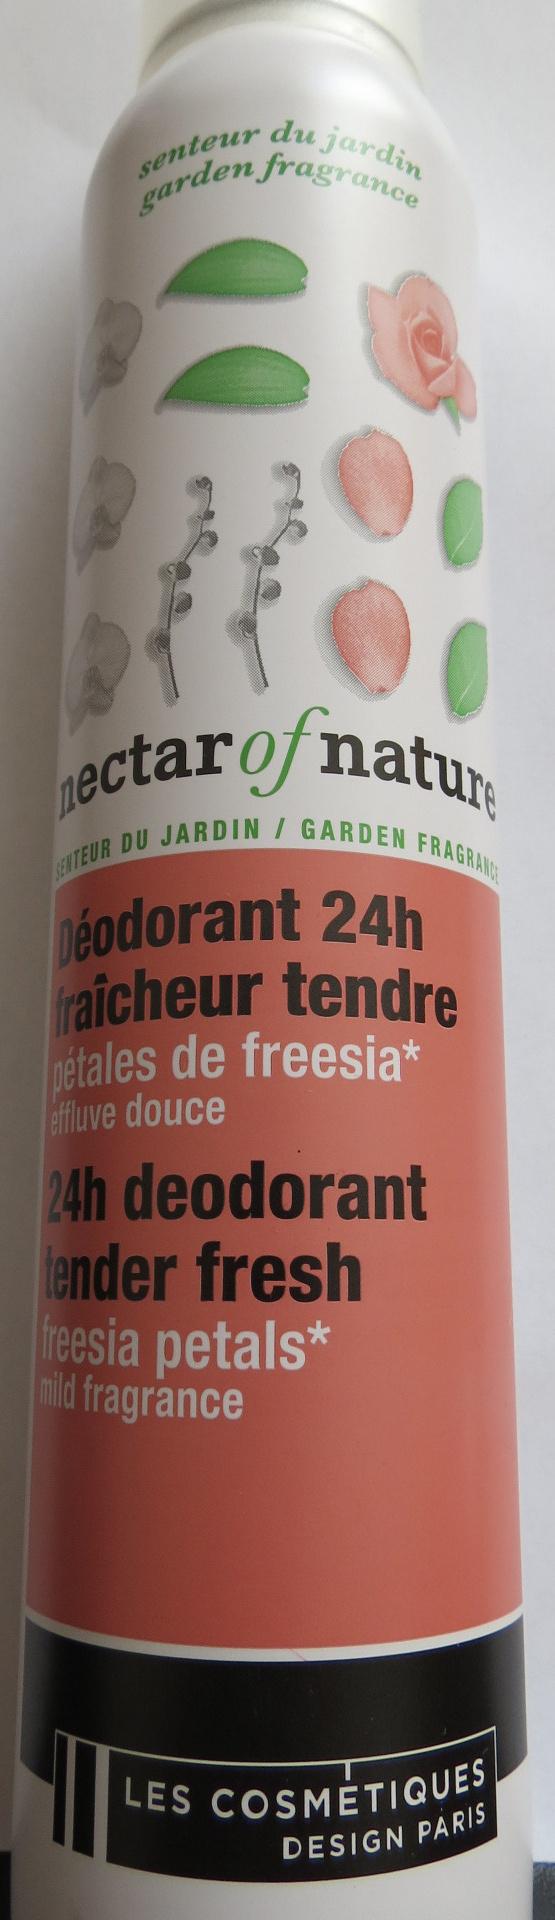 Déodorant 24h fraicheur tendre pétales de freesia effluve douce - Product